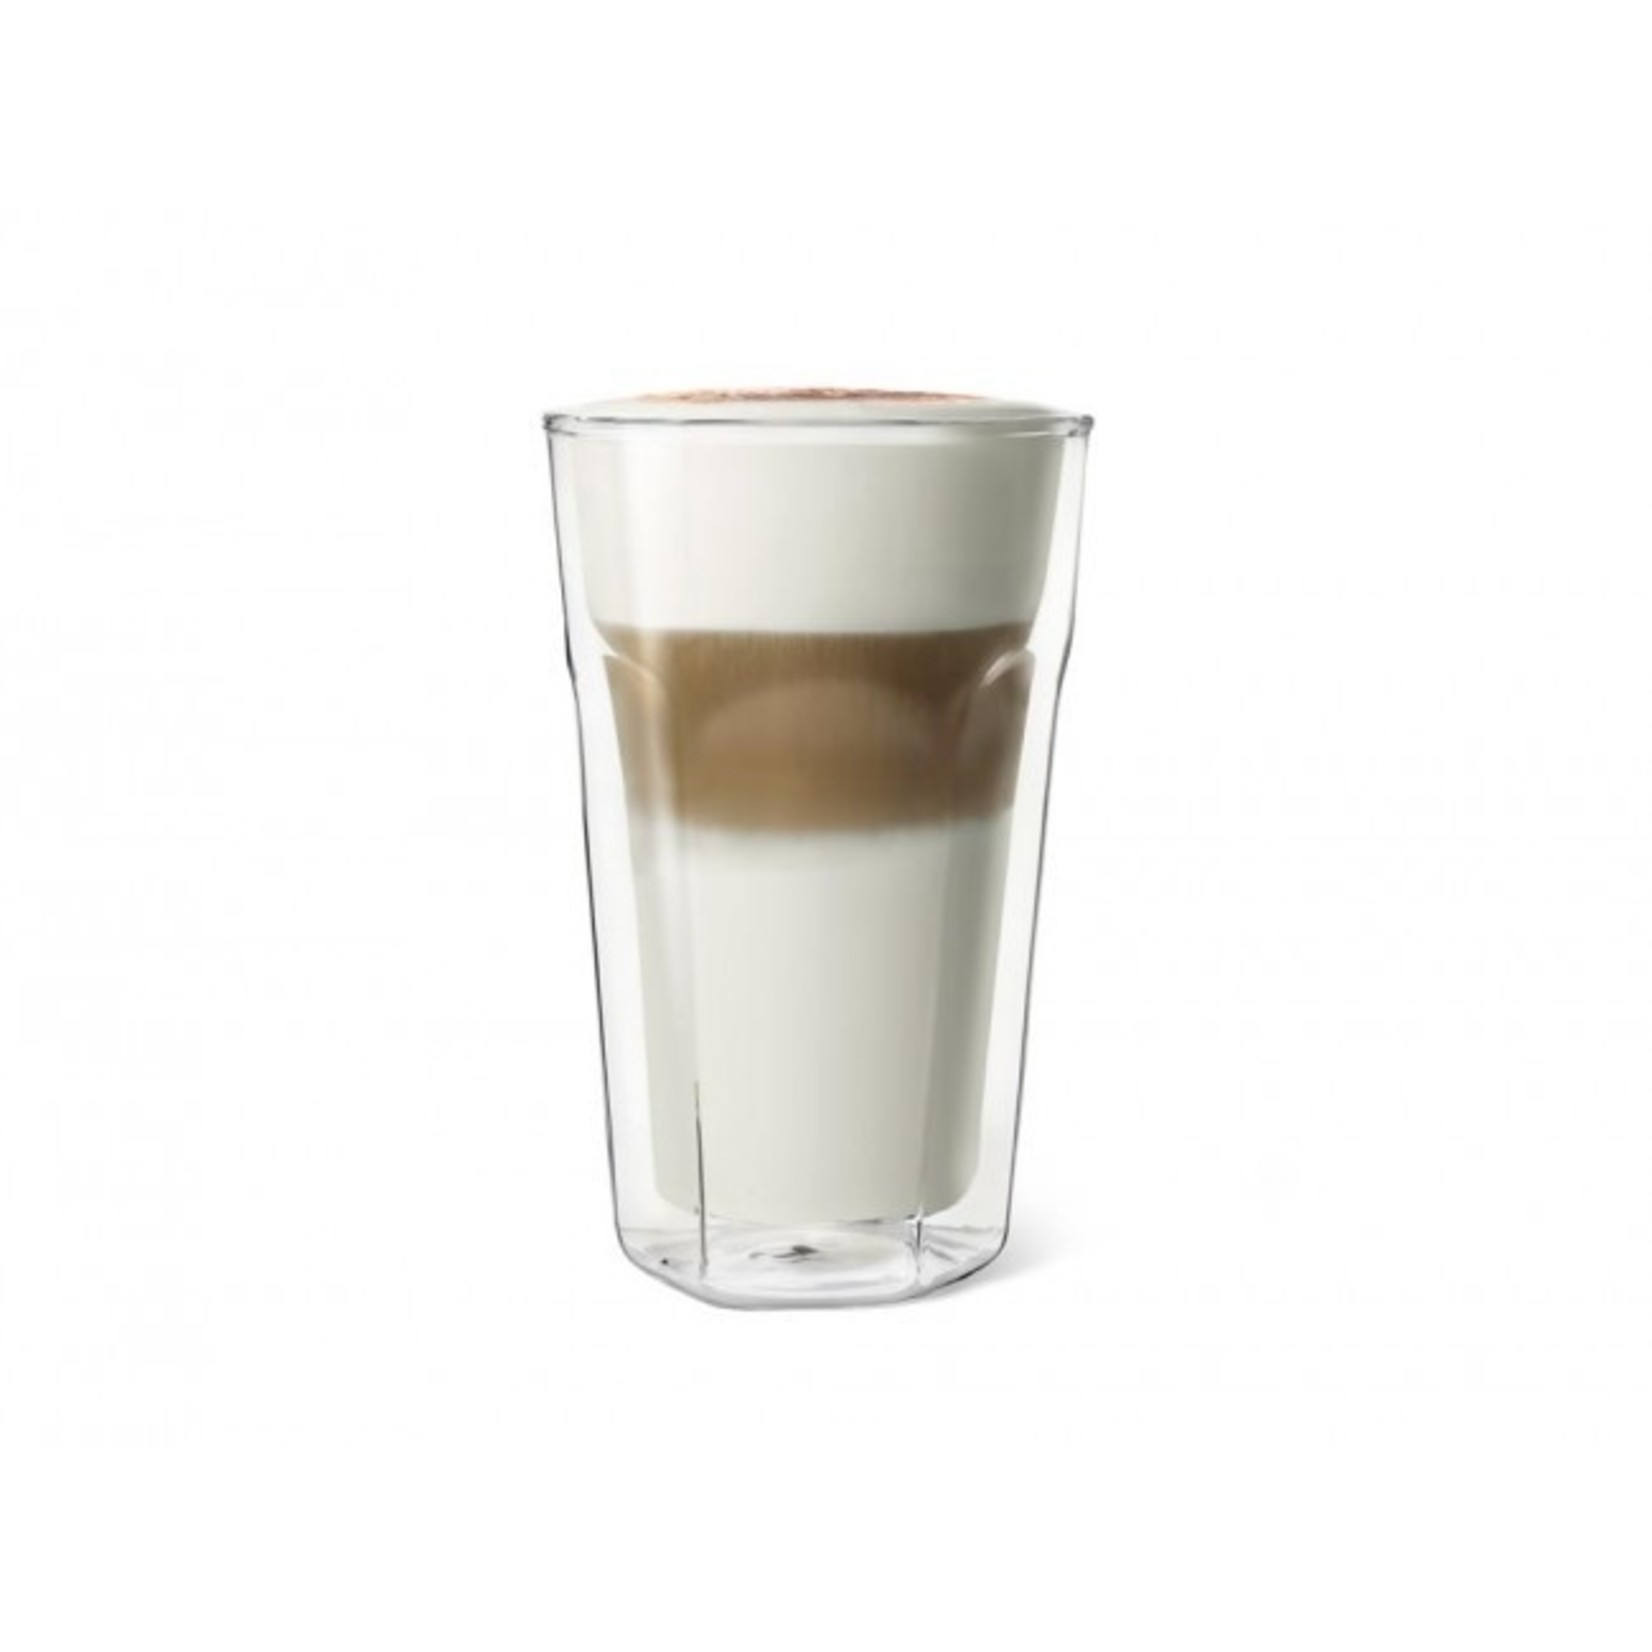 Leopold Vienna Leopold Vienna Dubbelwandig Glas Latte Macchiato 280ml S/2